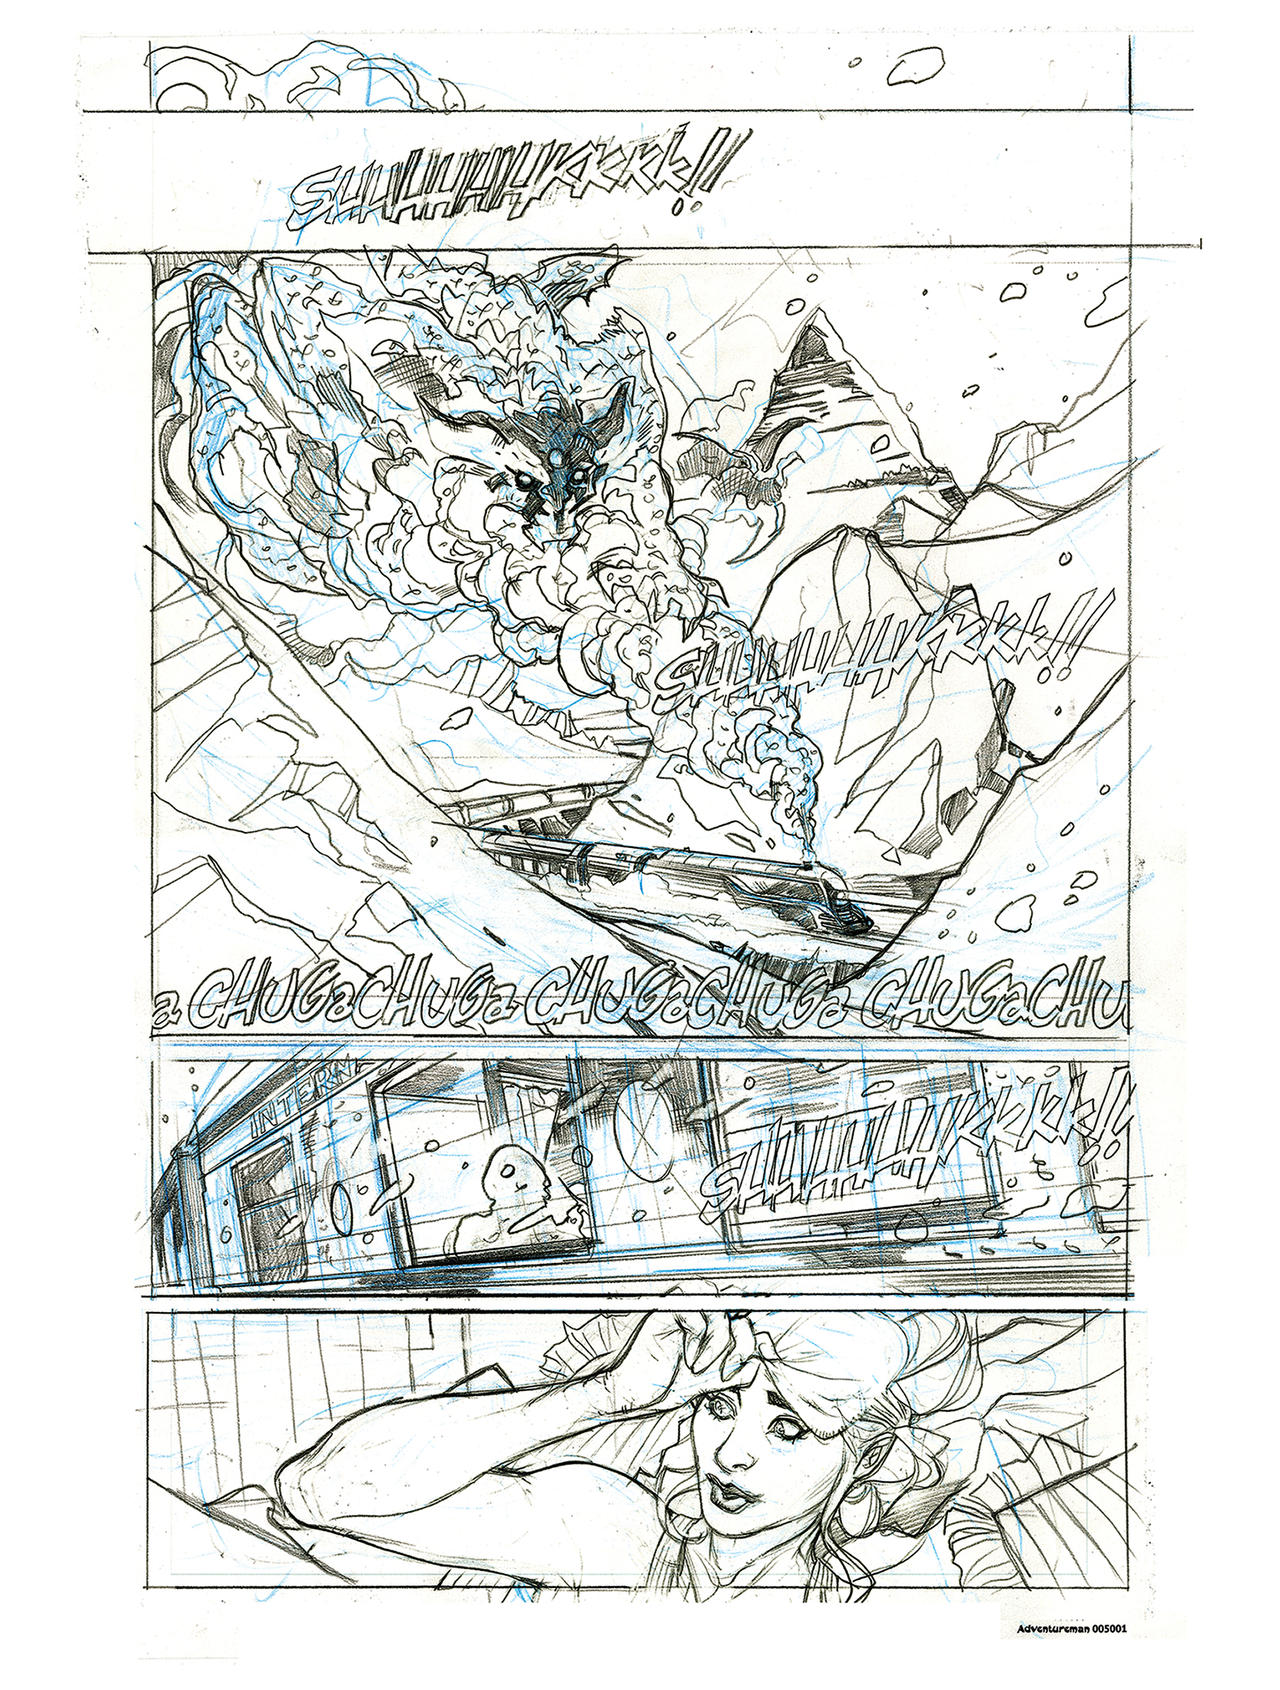 ADVENTUREMAN 5 Page 1 pencils